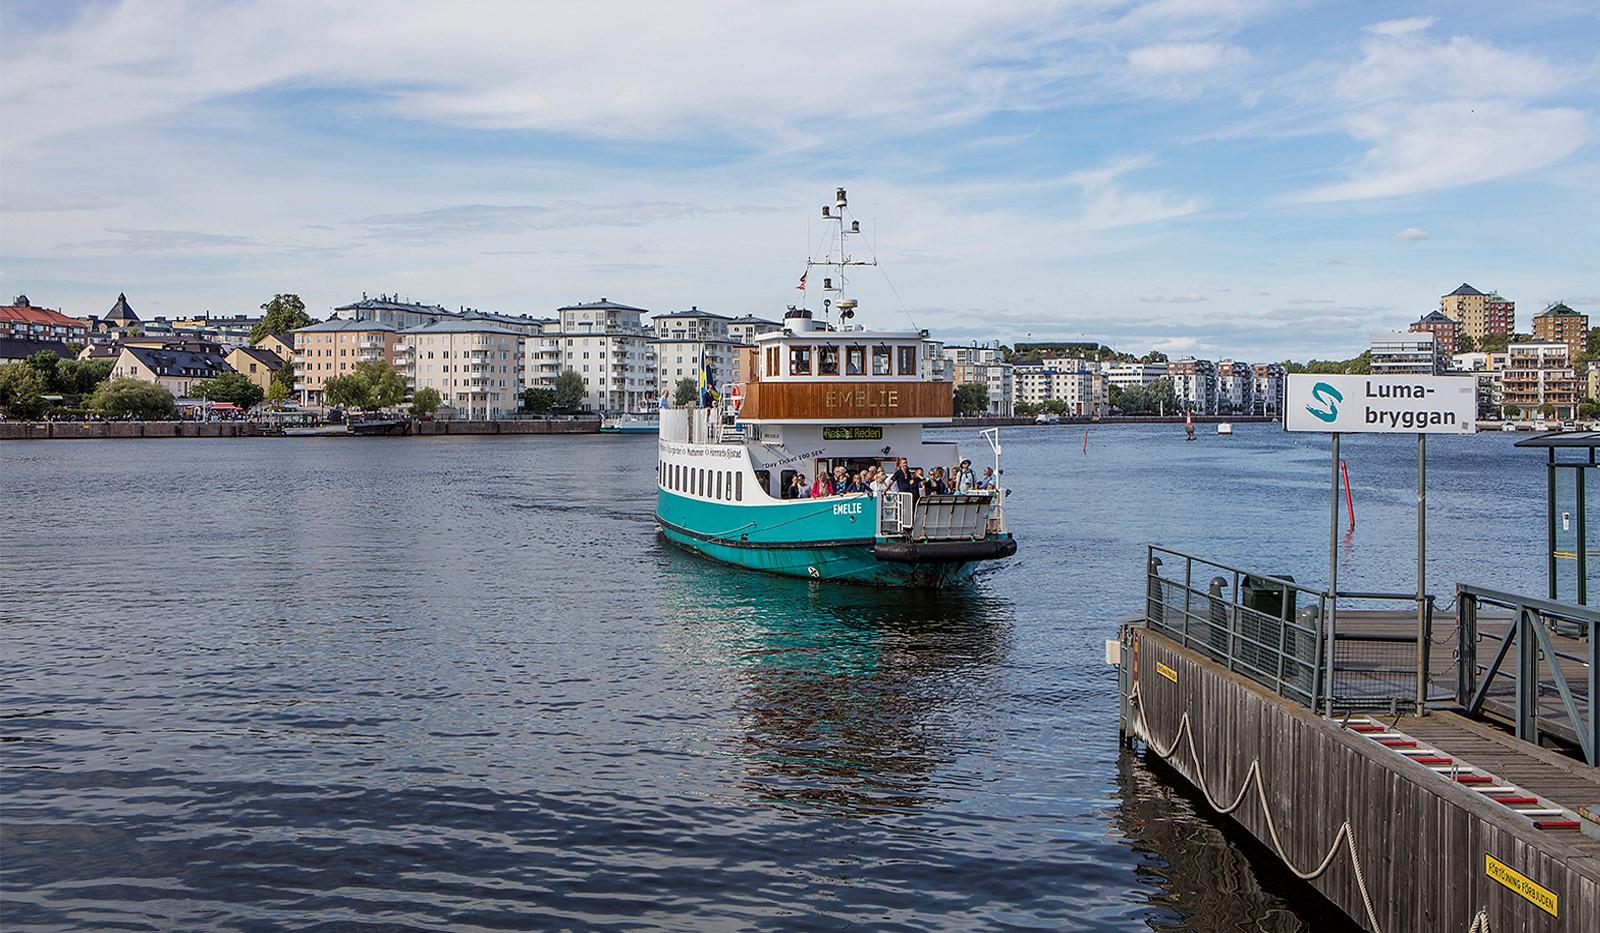 Hammarby Allé 119, 5 tr - Bryggan vid Luma